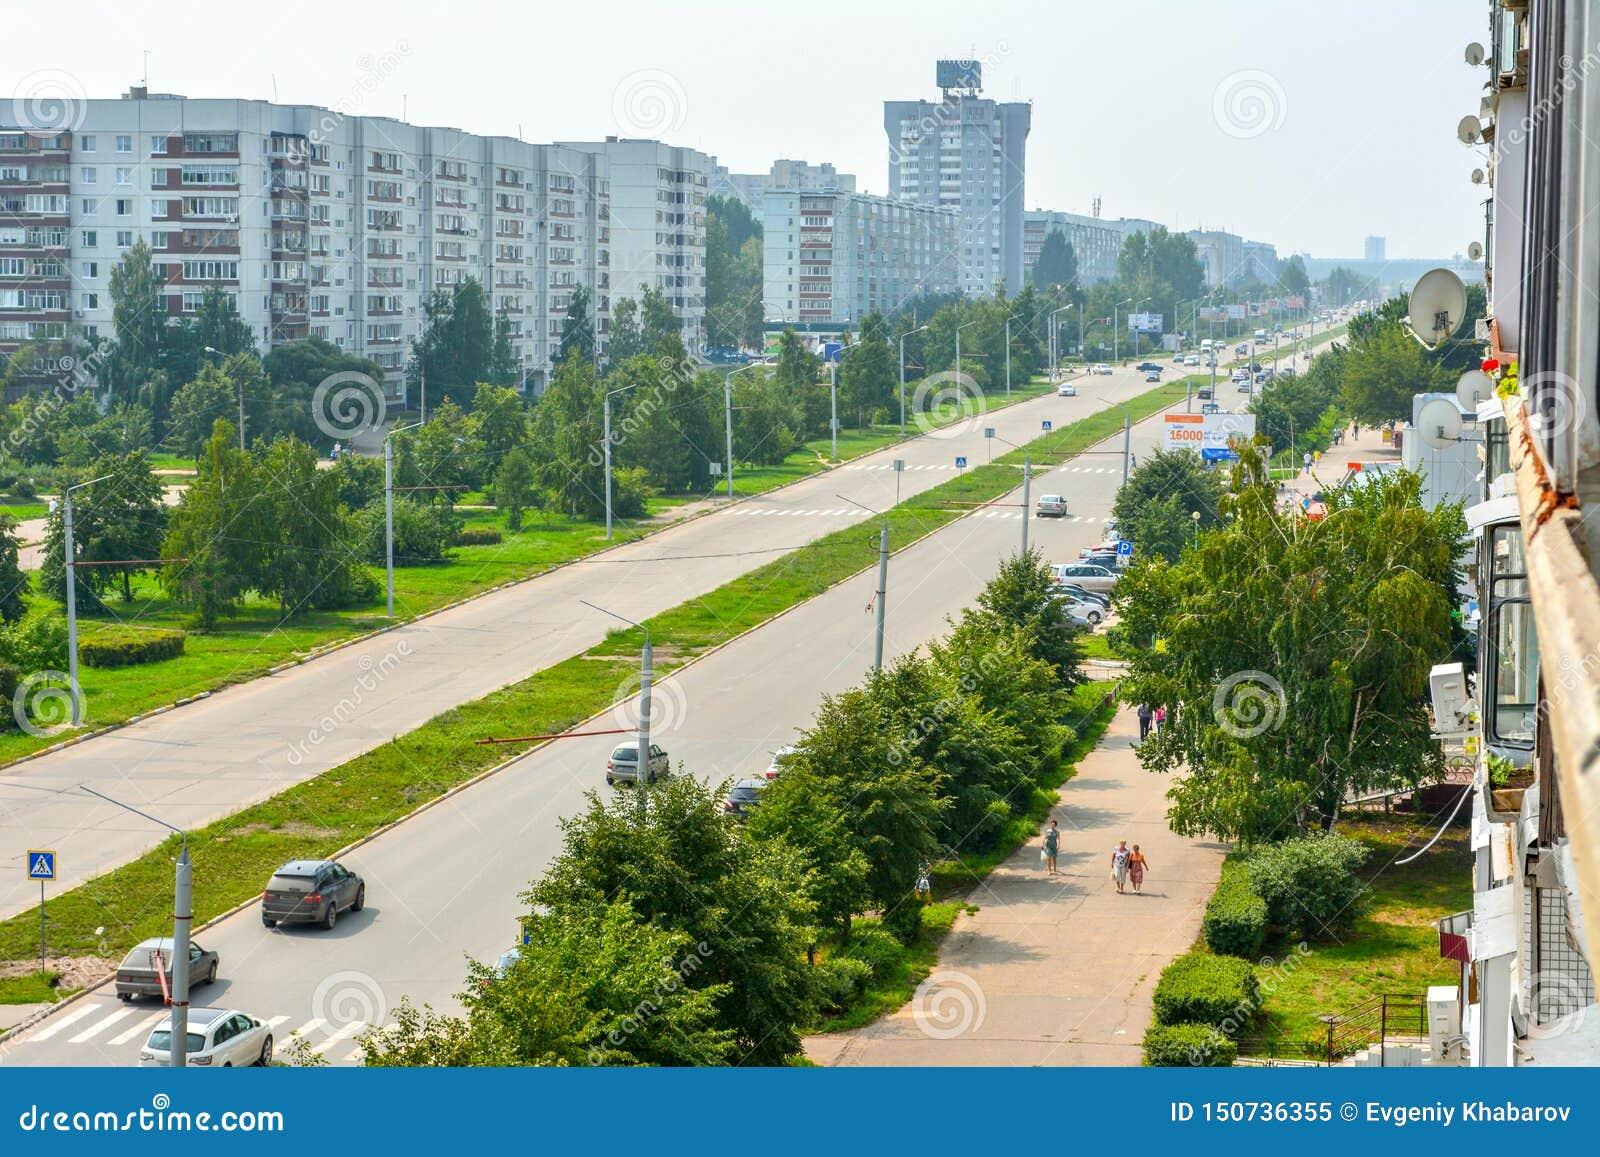 一条宽敞绿色街道在新村区  ulyanovsk